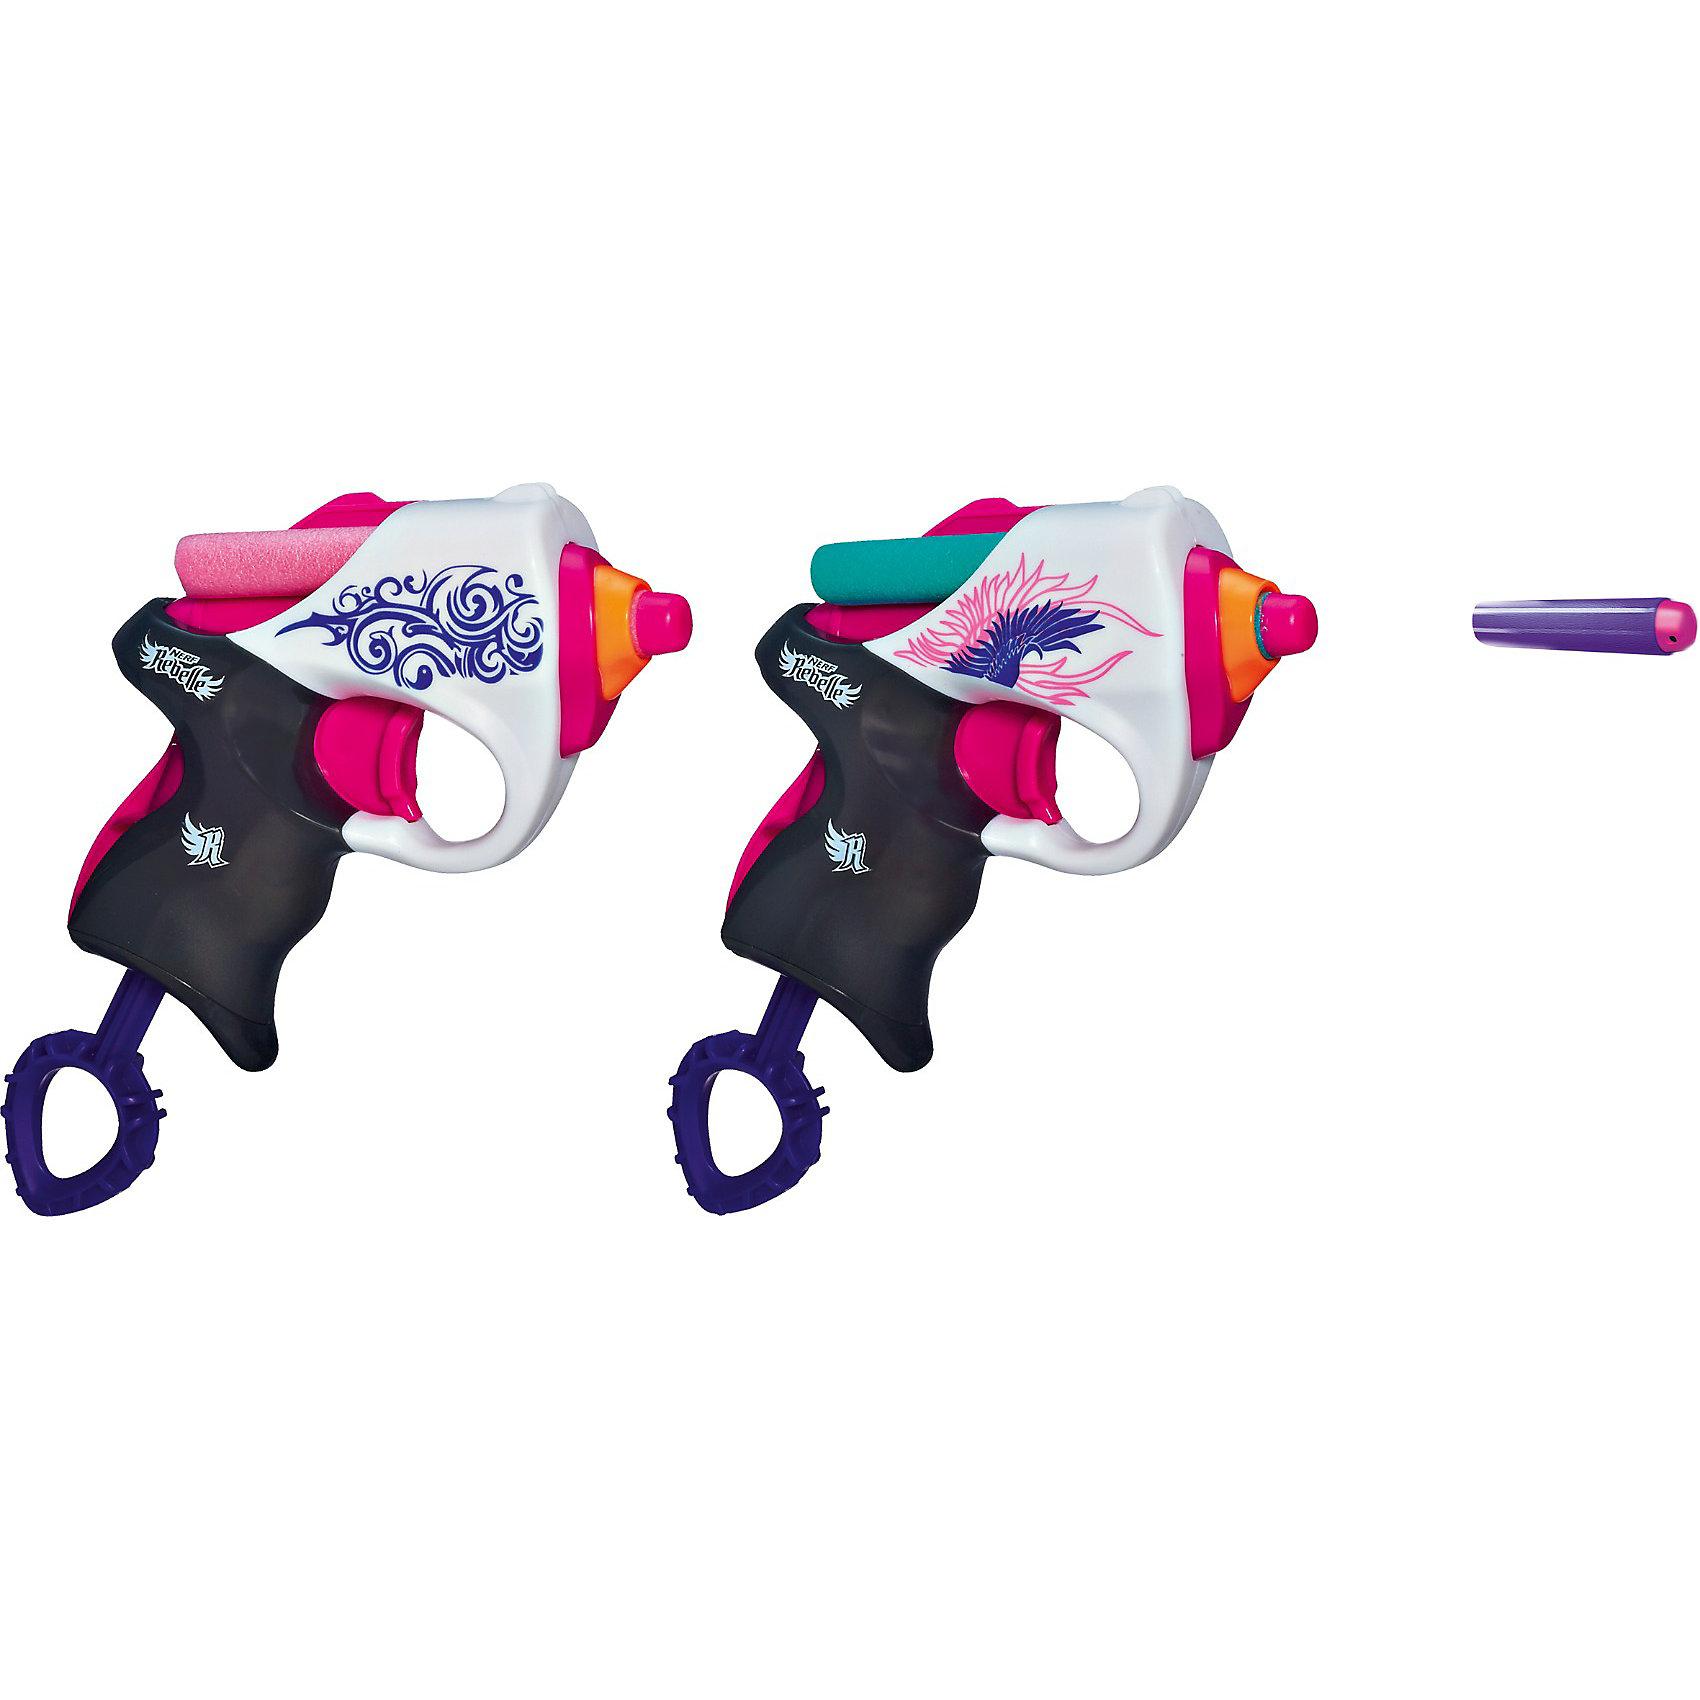 Мини-бластеры Сладкая парочка, N-RebelleМини-бластеры Сладкая парочка, Nerf Rebelle - оригинальное элегантное оружие для девочек. В комплекте 2 стильных компактных бластера, выполненных в бело-розовых тонах и имеющих привлекательный дизайн с симпатичными узорами. Для того, чтобы начать игру, зарядите бластеры патронами, потяните вниз рукоятку, а затем нажмите на спусковой крючок для выстрела. Благодаря своей компактности и небольшим размерам бластеры легко помещаются в карман или сумку. Патроны выполнены из мягкого материала и не опасны для детей.<br><br>Дополнительная информация:<br><br>- В комплекте: 2 бластера, 4 безопасных стрелы.<br>- Материал: высококачественная пластмасса.<br>- Размер упаковки: 29,5 x 4,5 x 20 см.<br>- Вес: 0,7 кг.<br><br>Мини-бластеры Сладкая парочка, Nerf Rebelle (Нерф) можно купить в нашем интернет-магазине.<br><br>Ширина мм: 304<br>Глубина мм: 200<br>Высота мм: 48<br>Вес г: 279<br>Возраст от месяцев: 96<br>Возраст до месяцев: 144<br>Пол: Женский<br>Возраст: Детский<br>SKU: 3222061